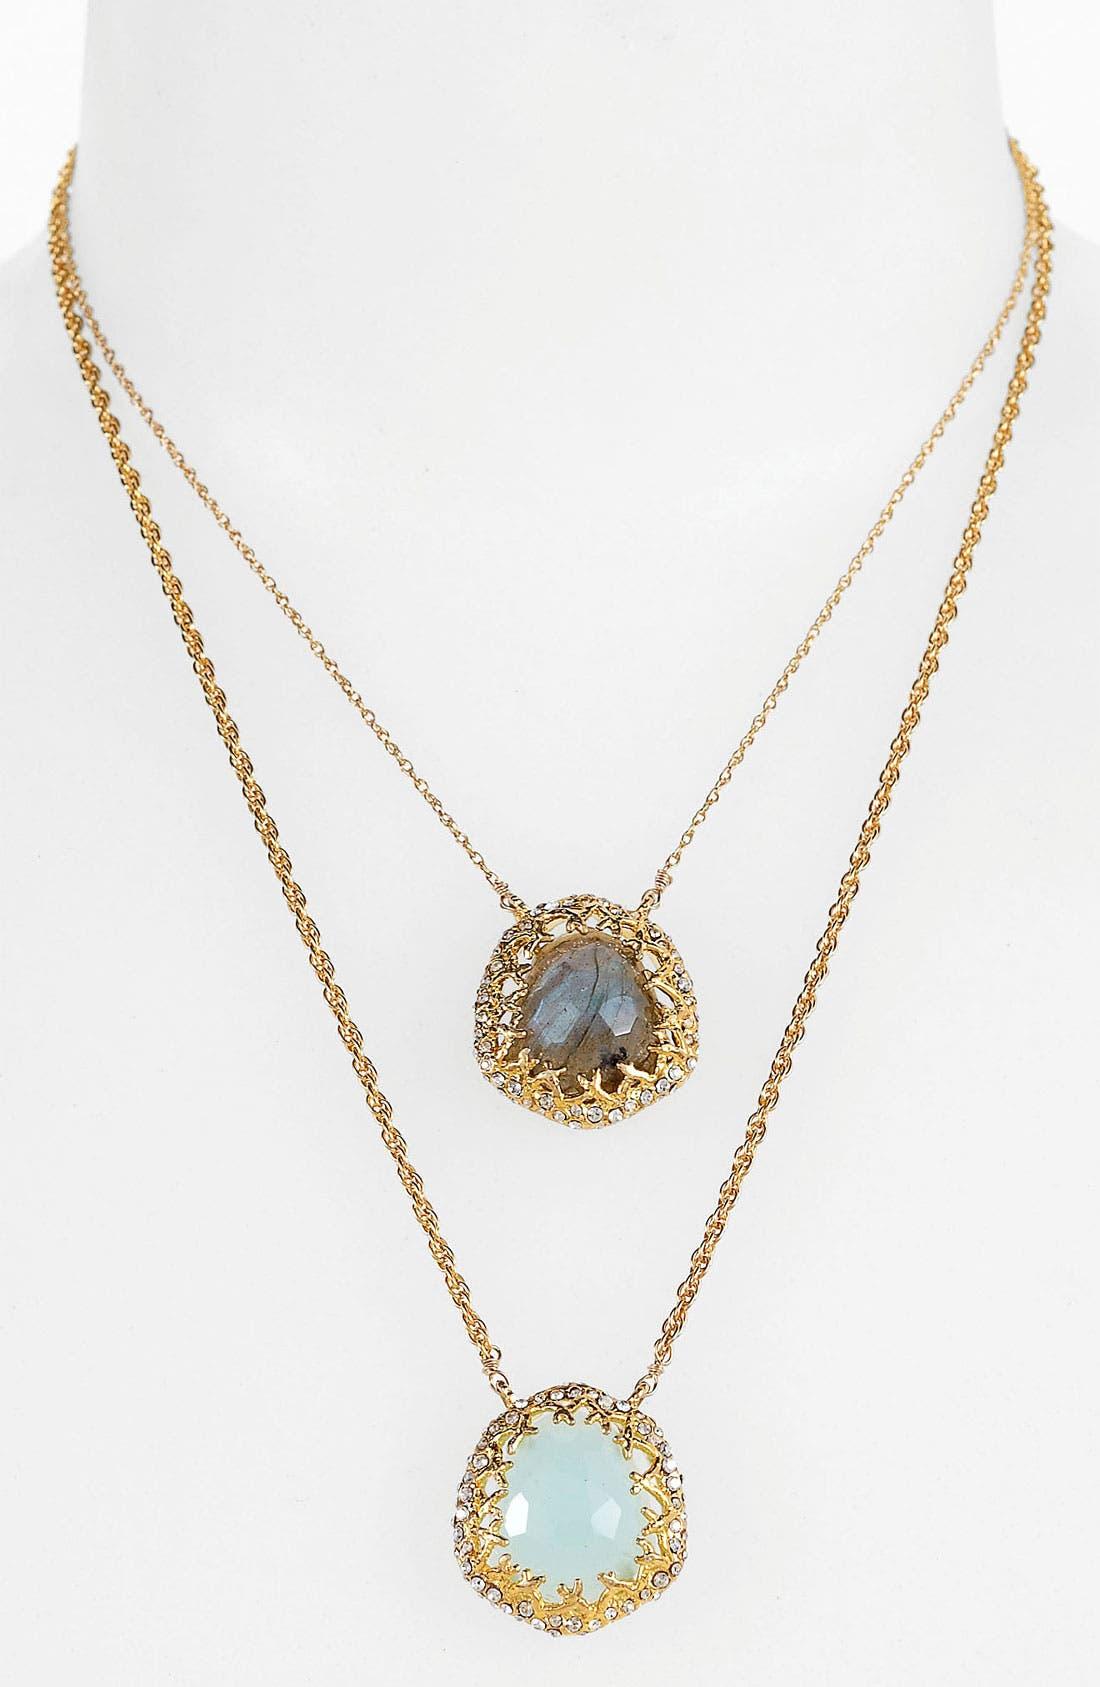 Main Image - Alexis Bittar 'Elements - Siyabona' Double Pendant Necklace